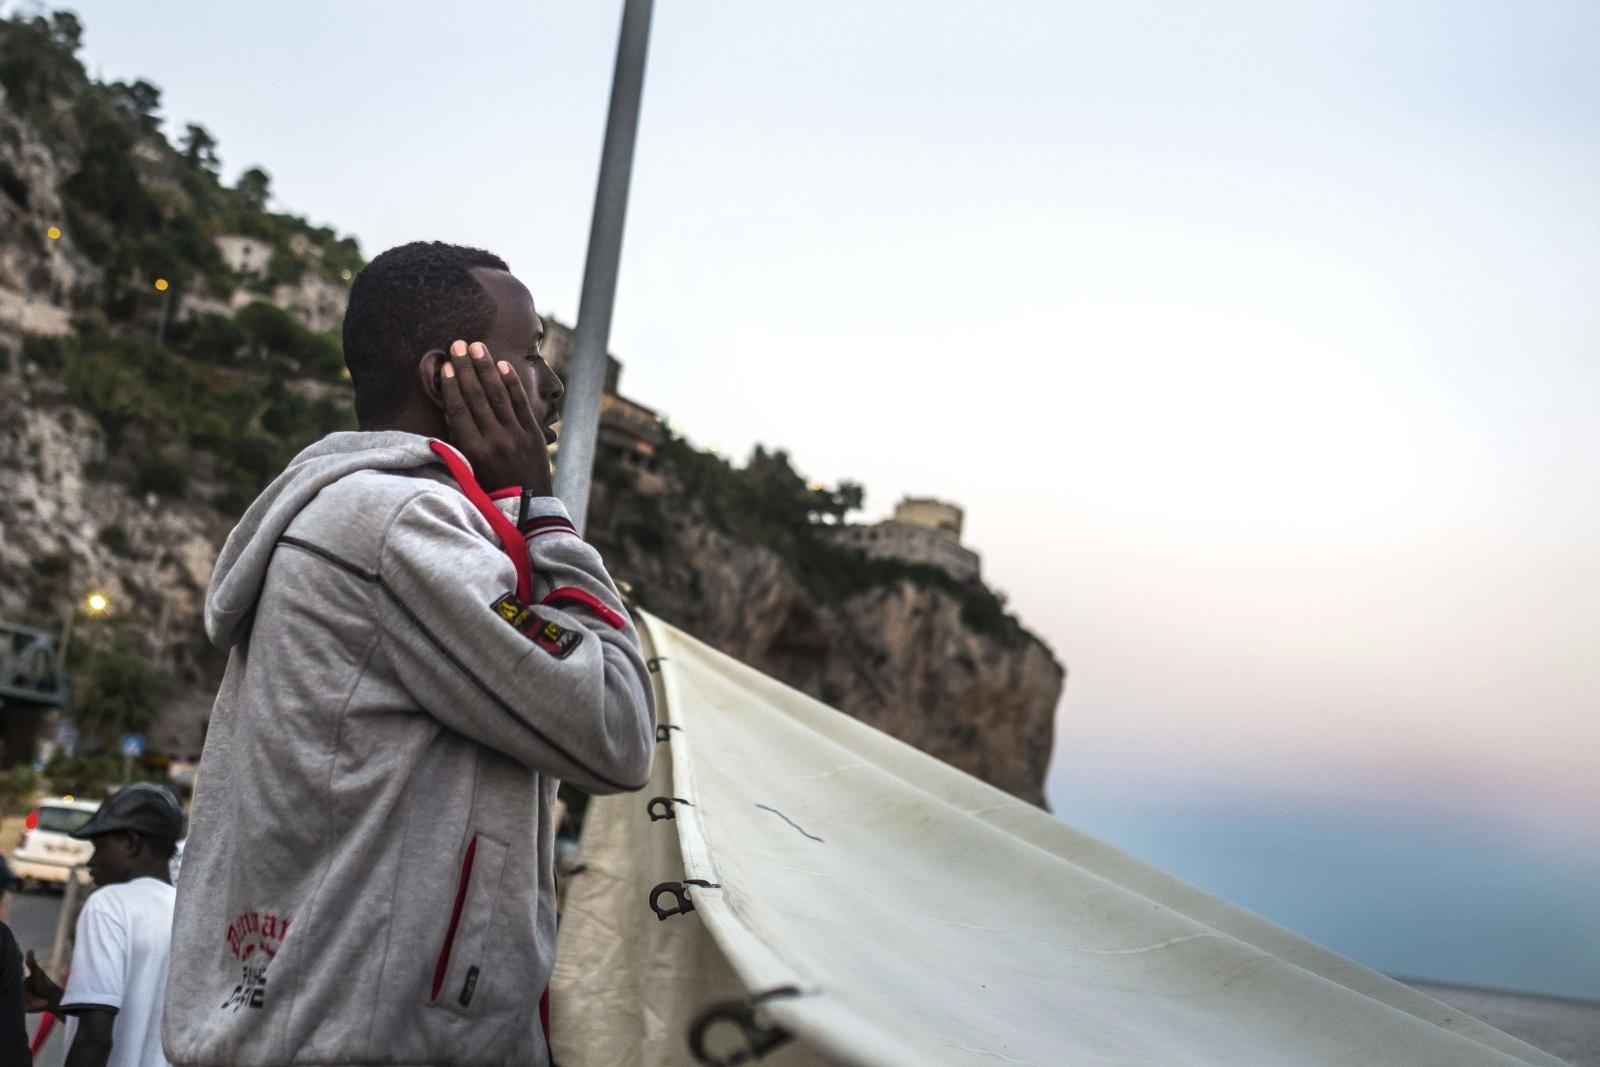 Ventimiglia, confine con la Francia  - Immigrati bloccati e respinti dalle autorità francesi sugli scogli dei Balzi Rossi - Preghiera sulla spiaggia